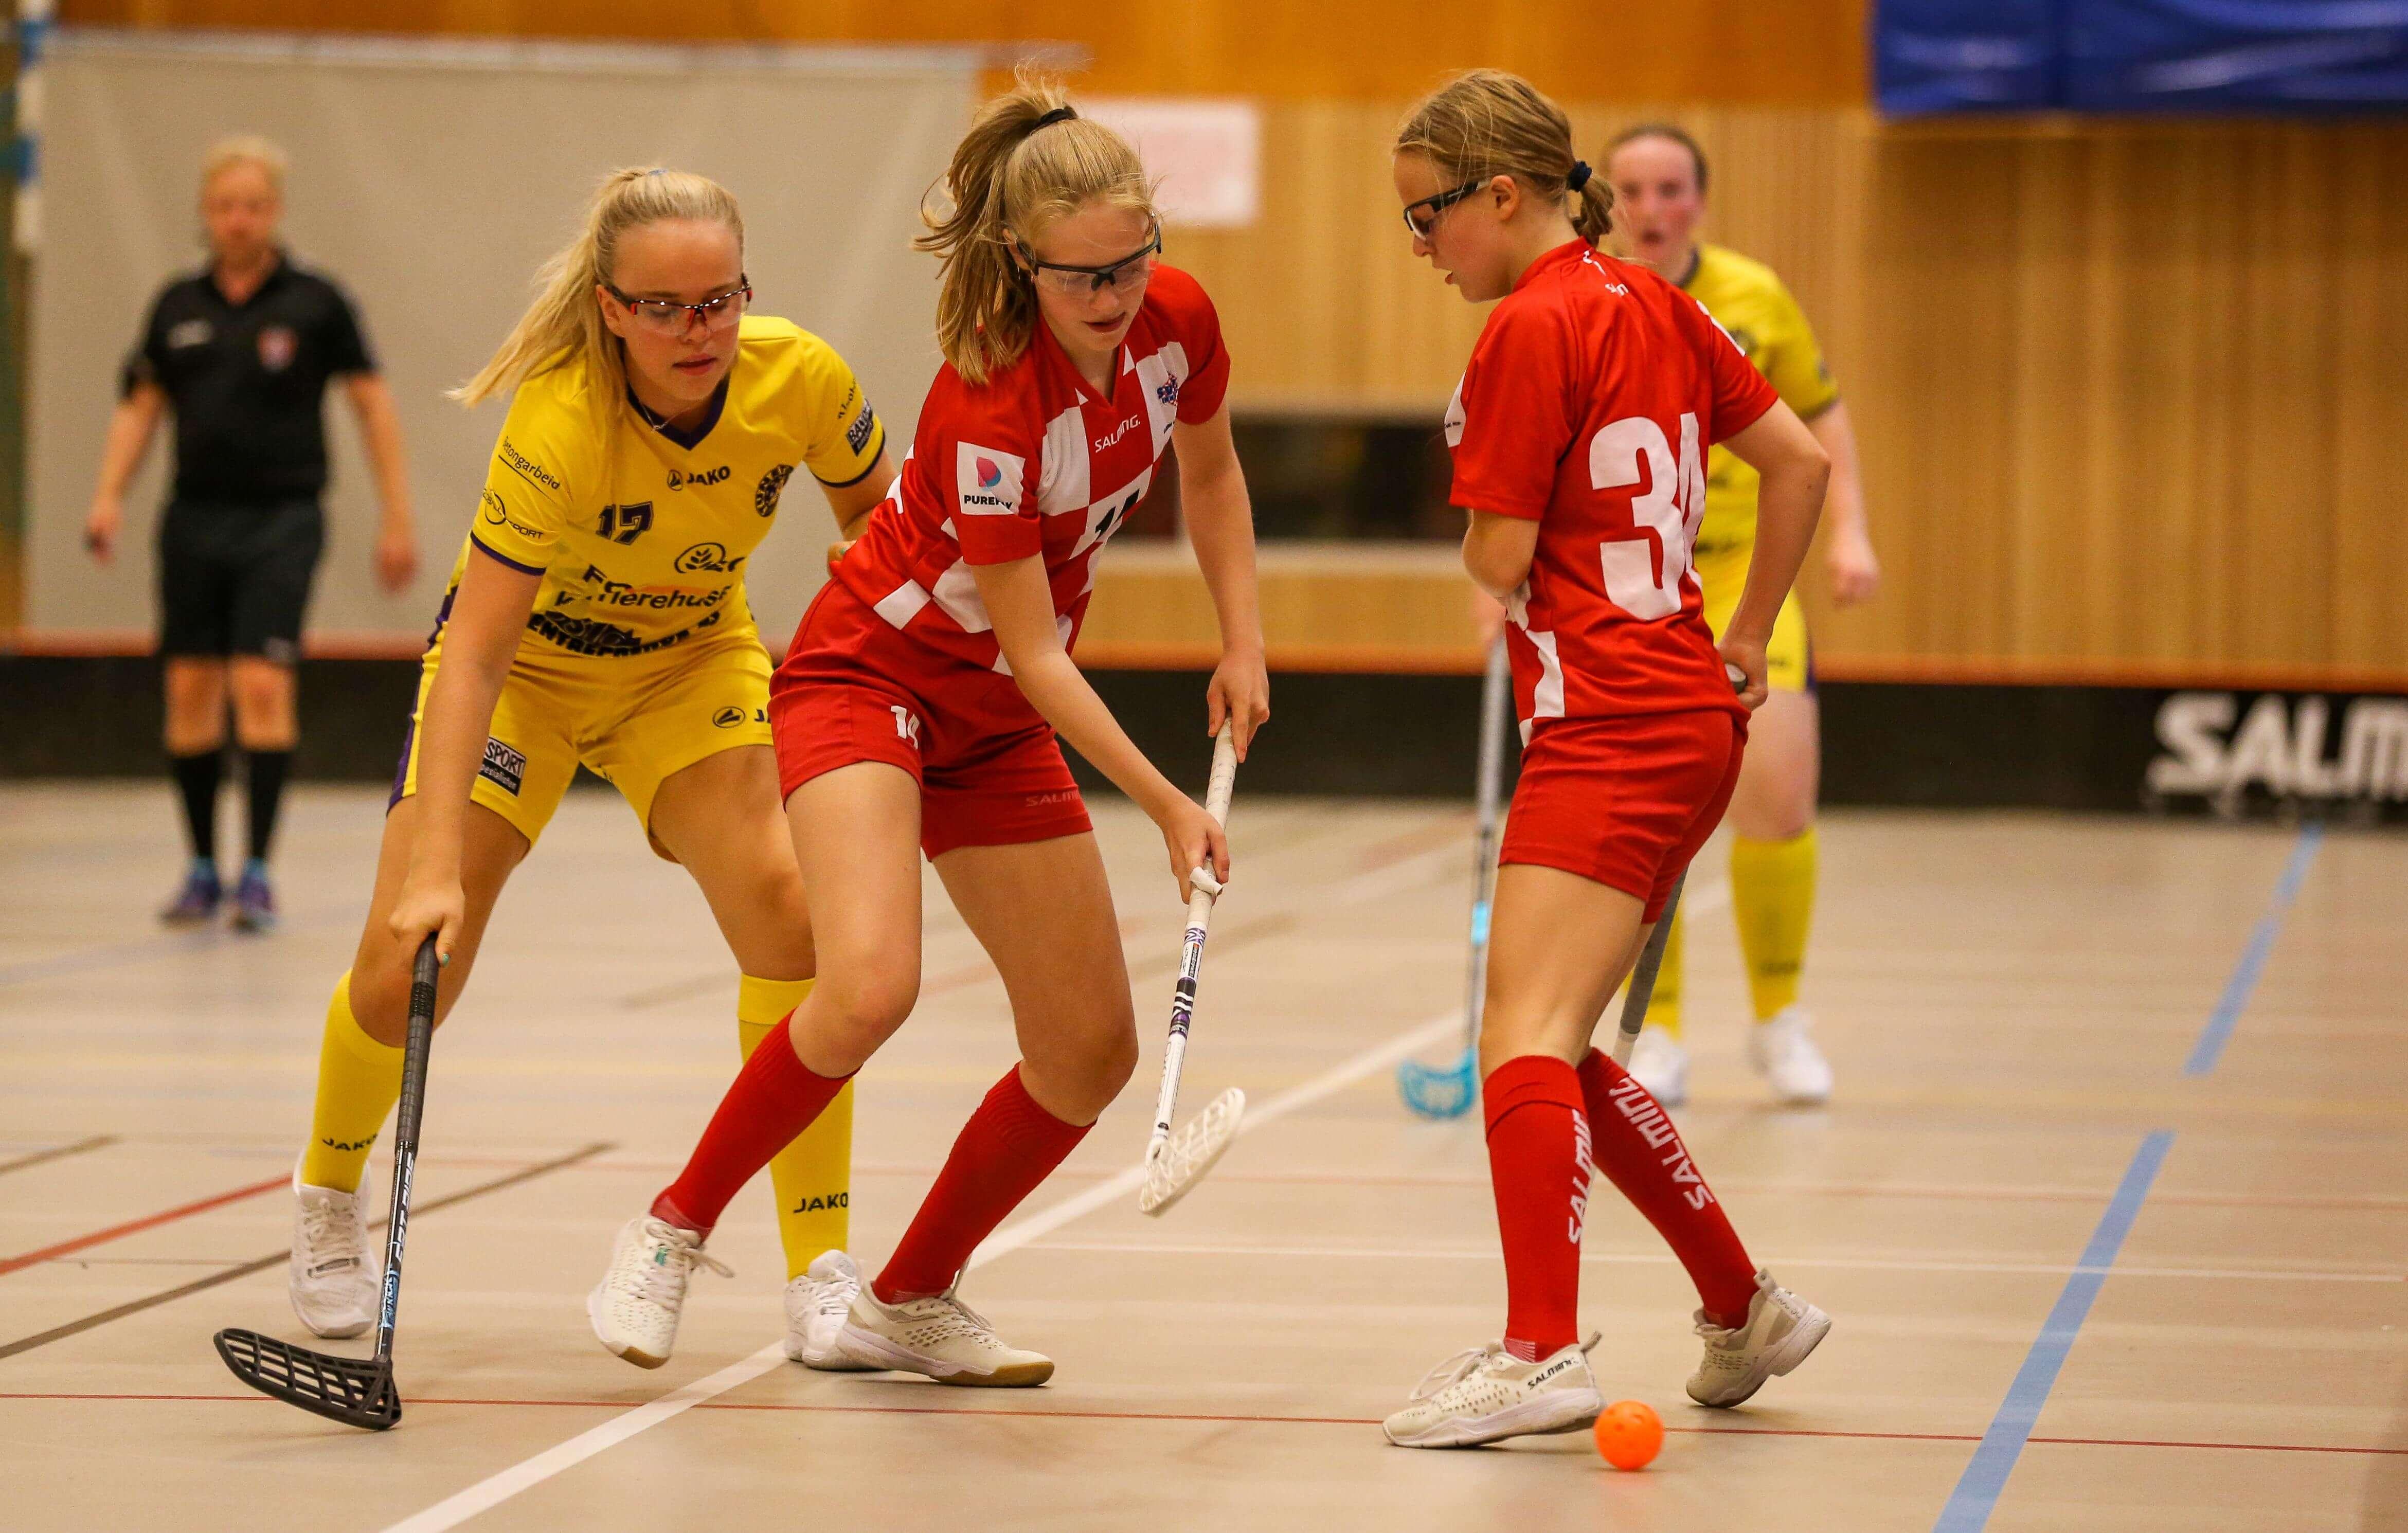 Kan Sveiva blande seg helt inn i toppstriden i årets sesong? Fredag serieåpner de mot erkerival Tunet. Foto: Kent Henriksen